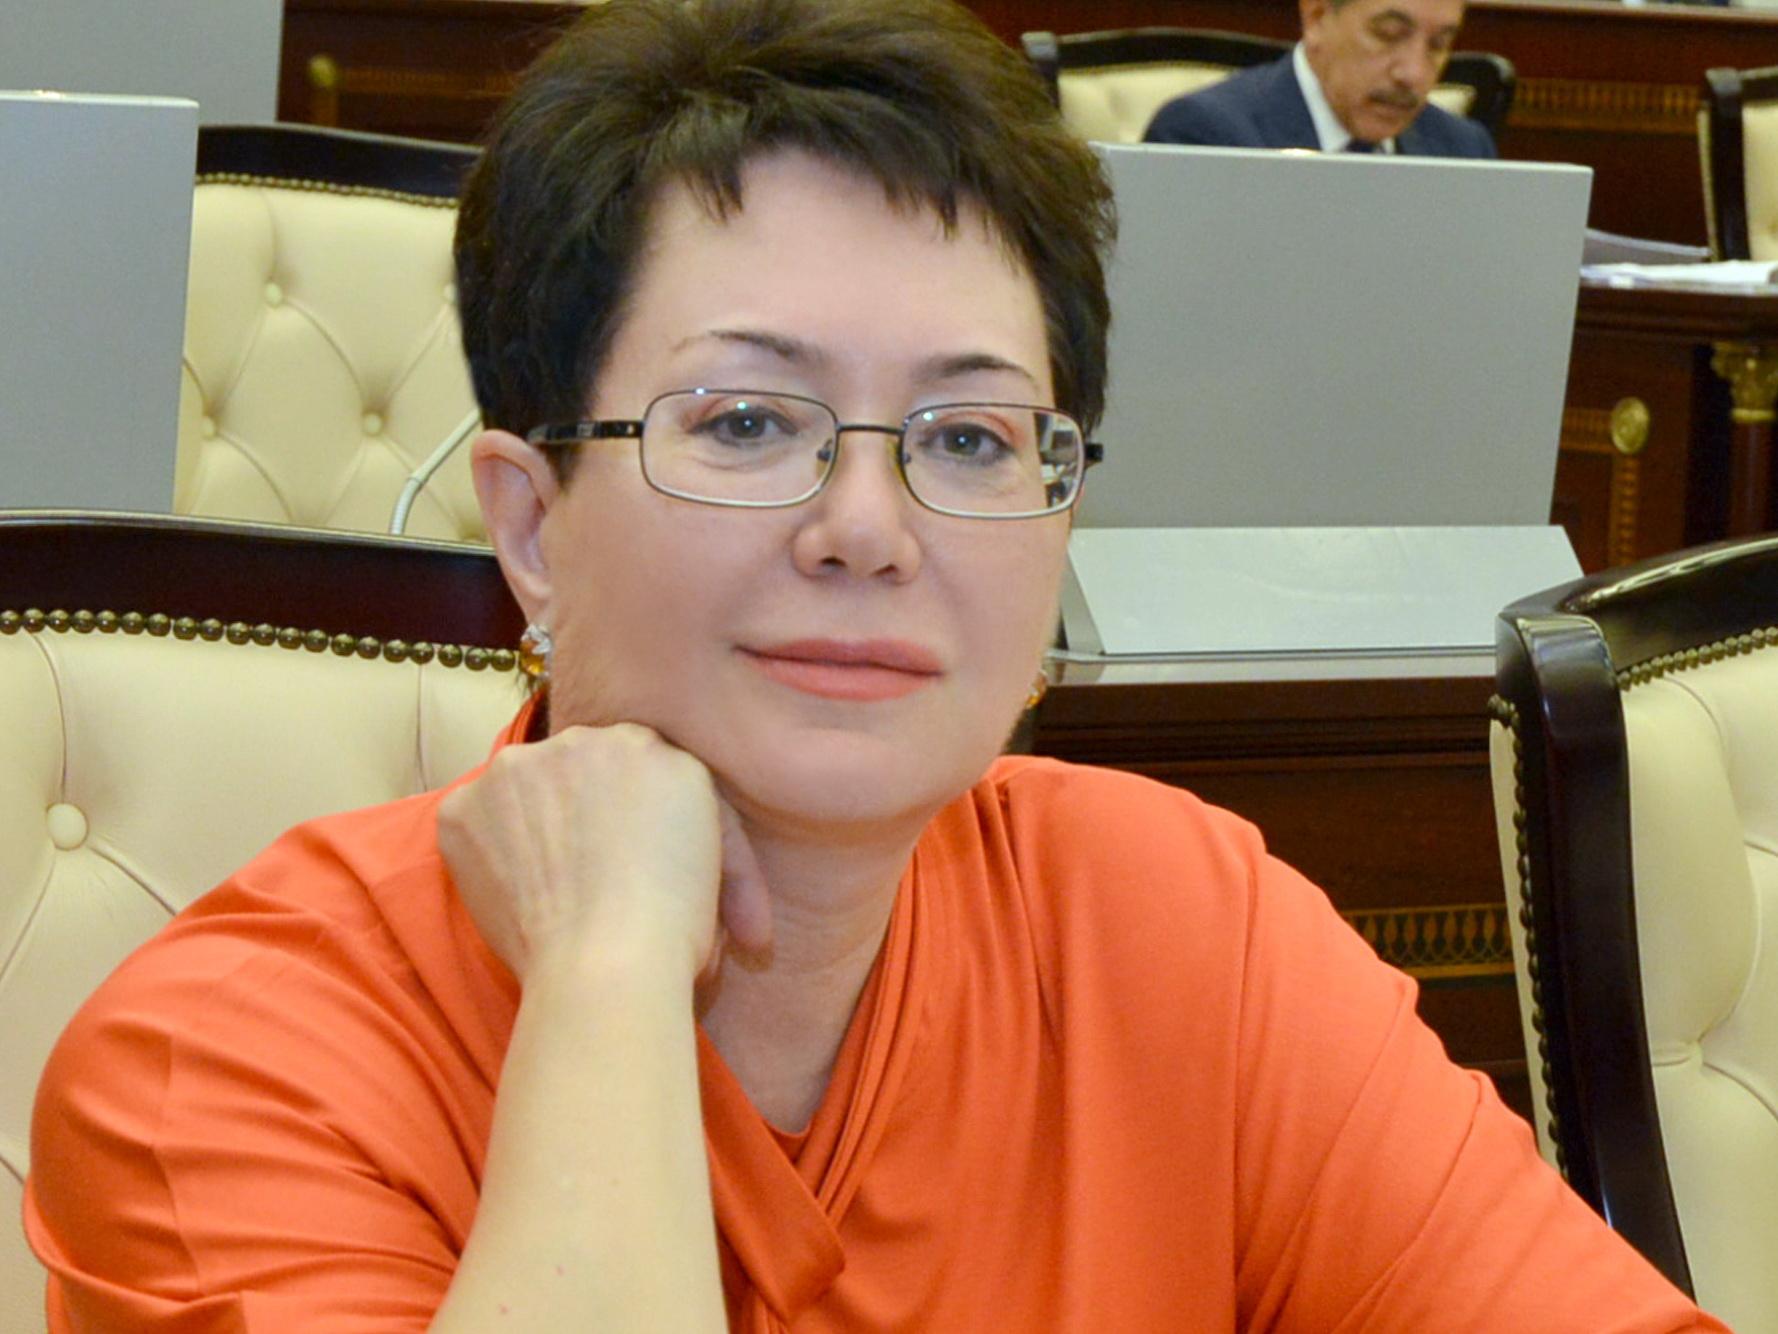 Эльмира Ахундова о гянджинских событиях: «Мы должны максимально серьезно отнестись к случившемуся»